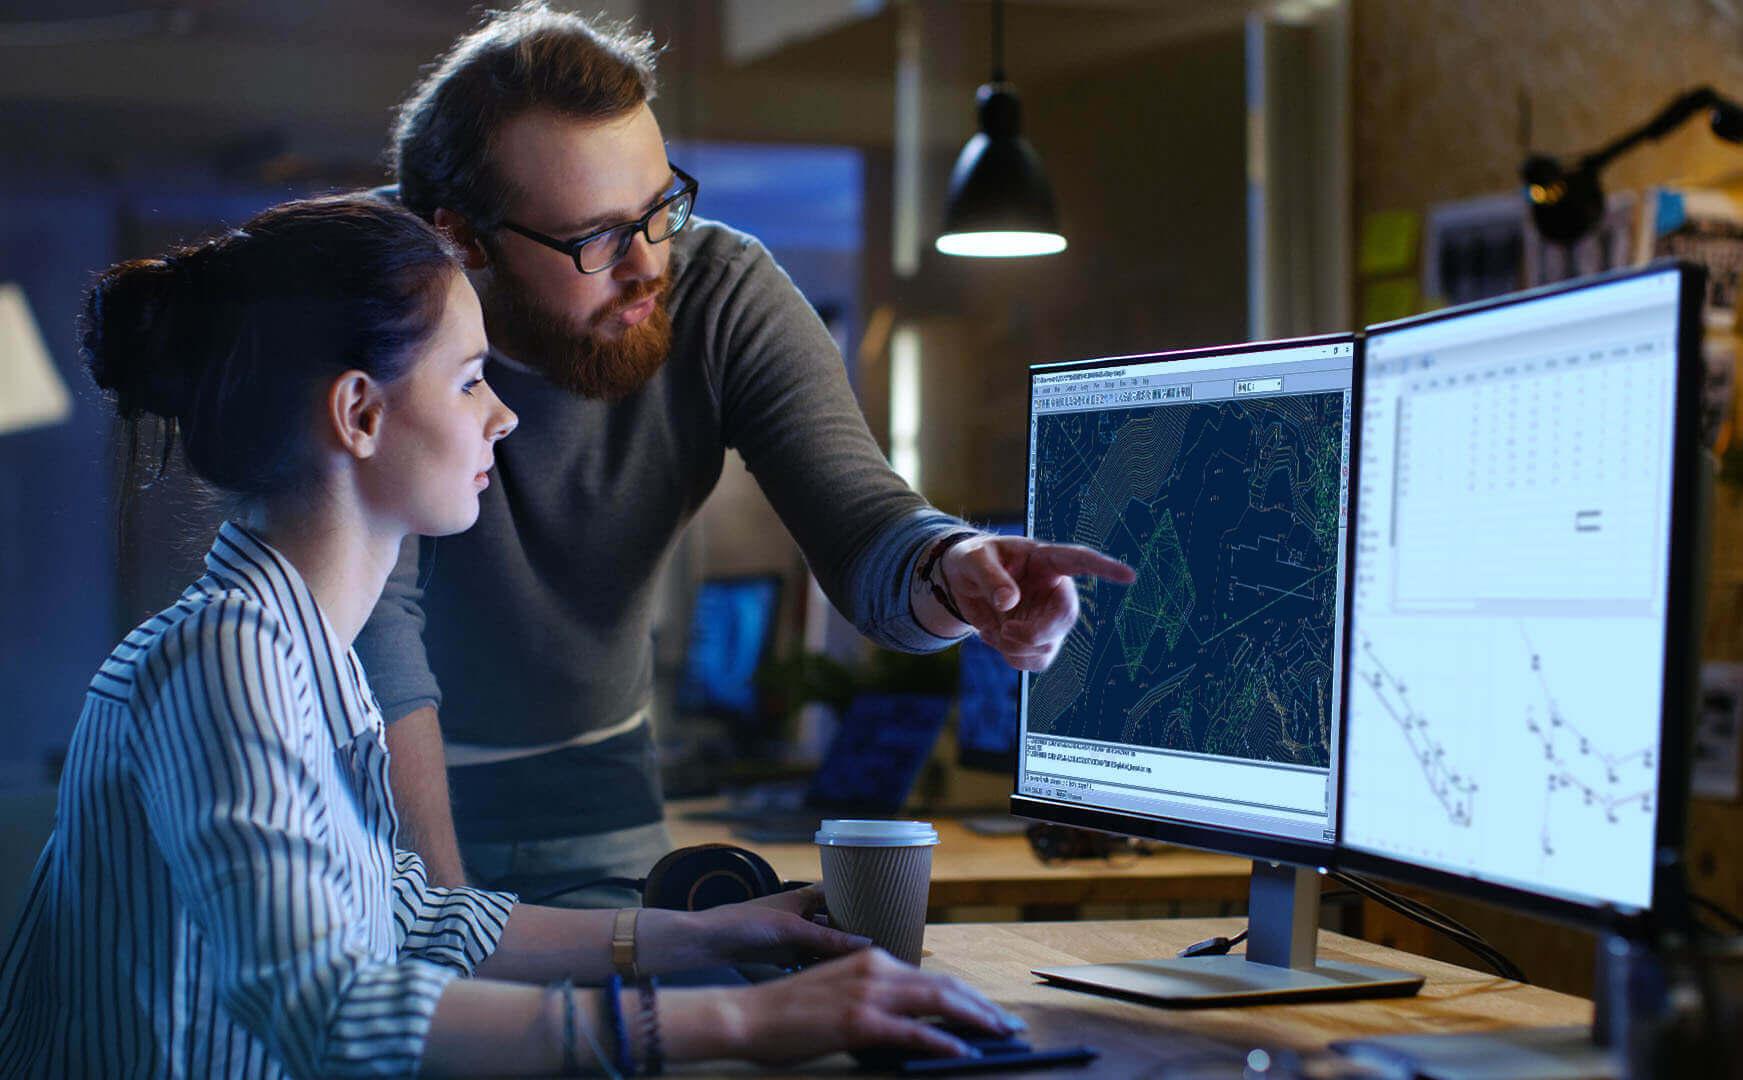 infrastructure-design-computer-desk-engineers